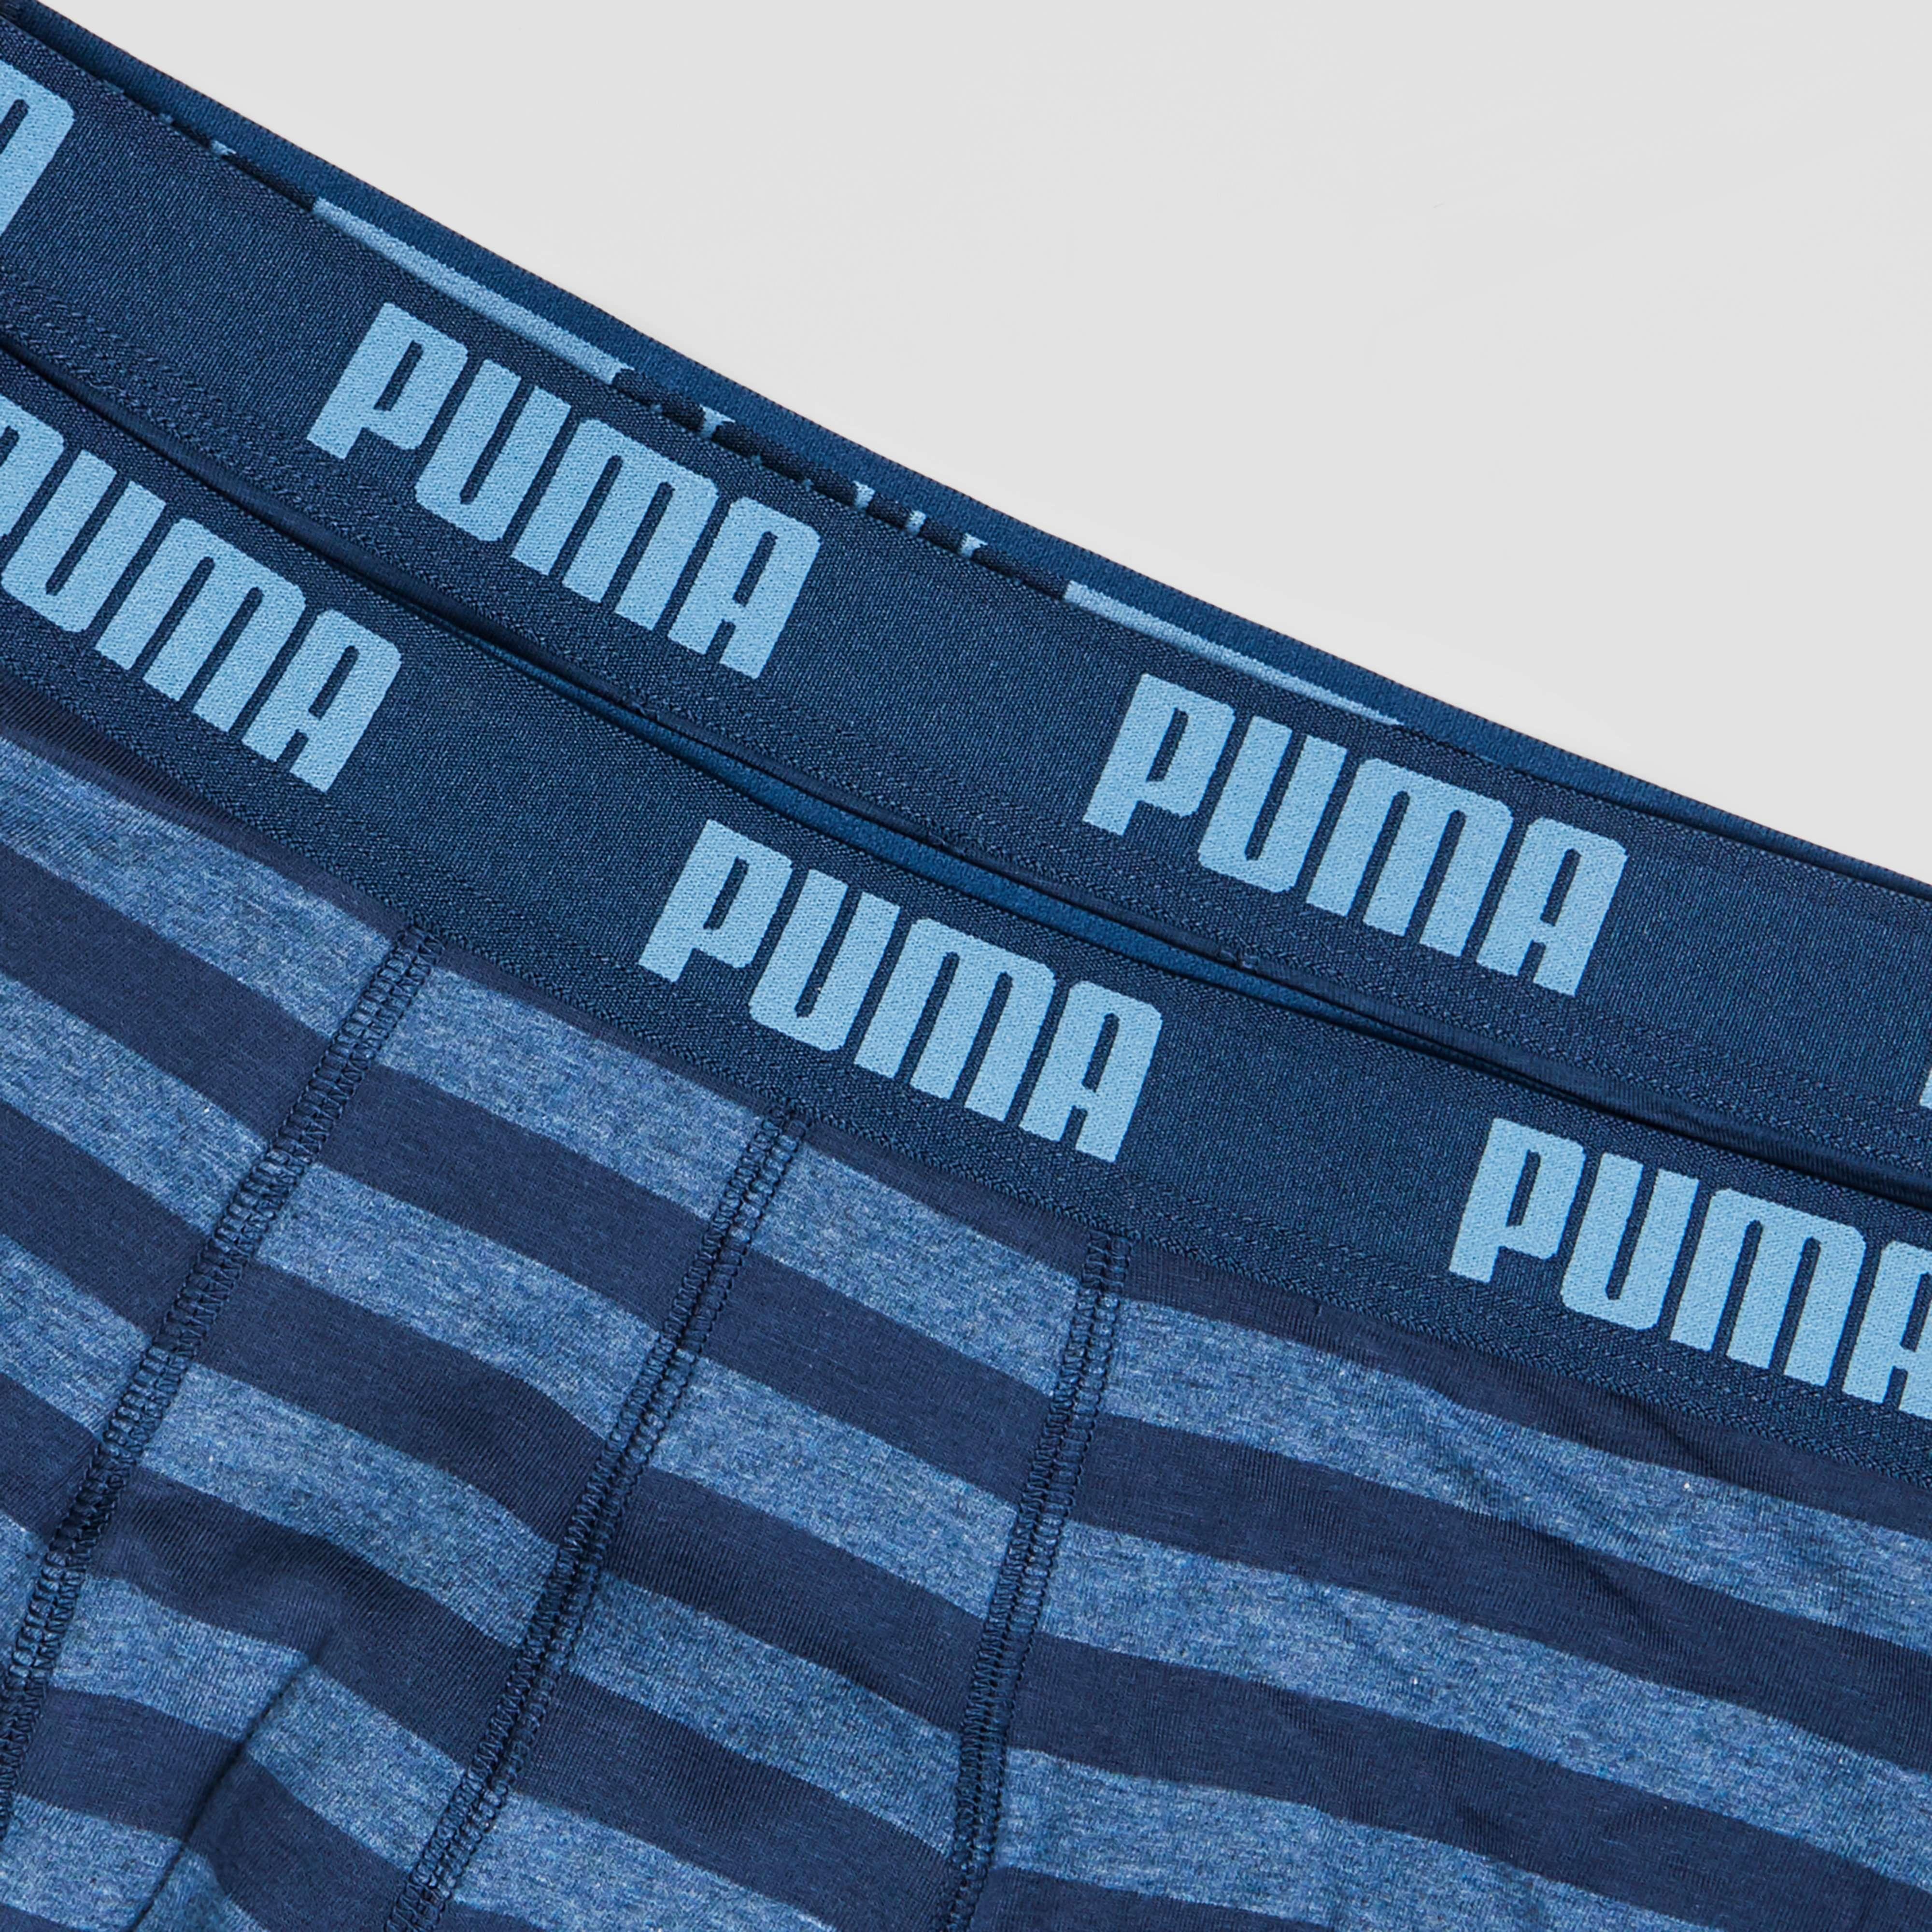 PUMA BASIC STRIPED BOXERSHORT 2-PACK BLAUW HEREN